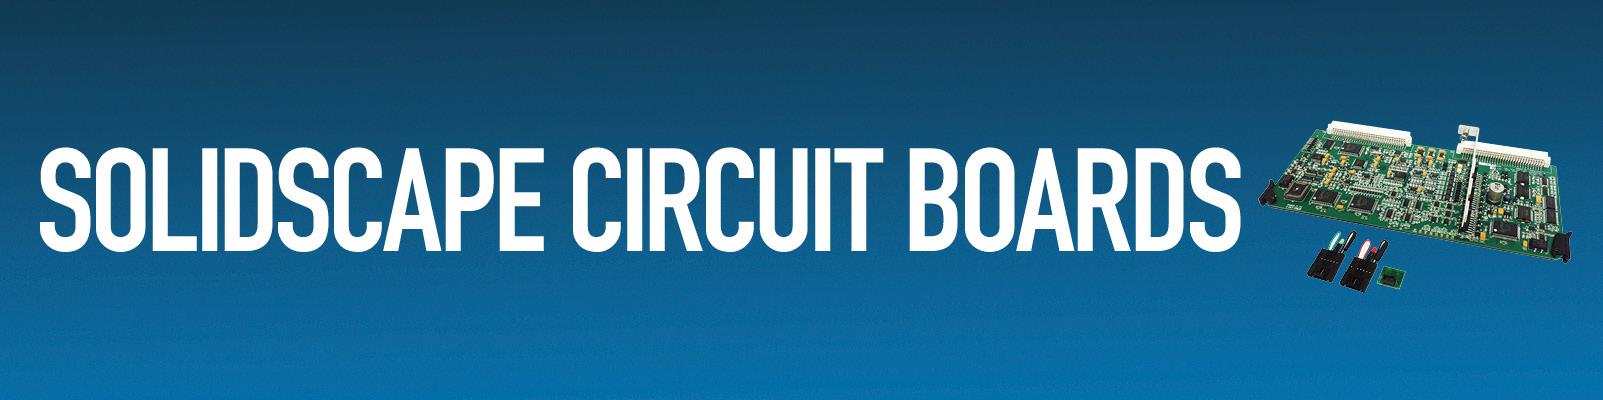 Solidscape Circuit Boards